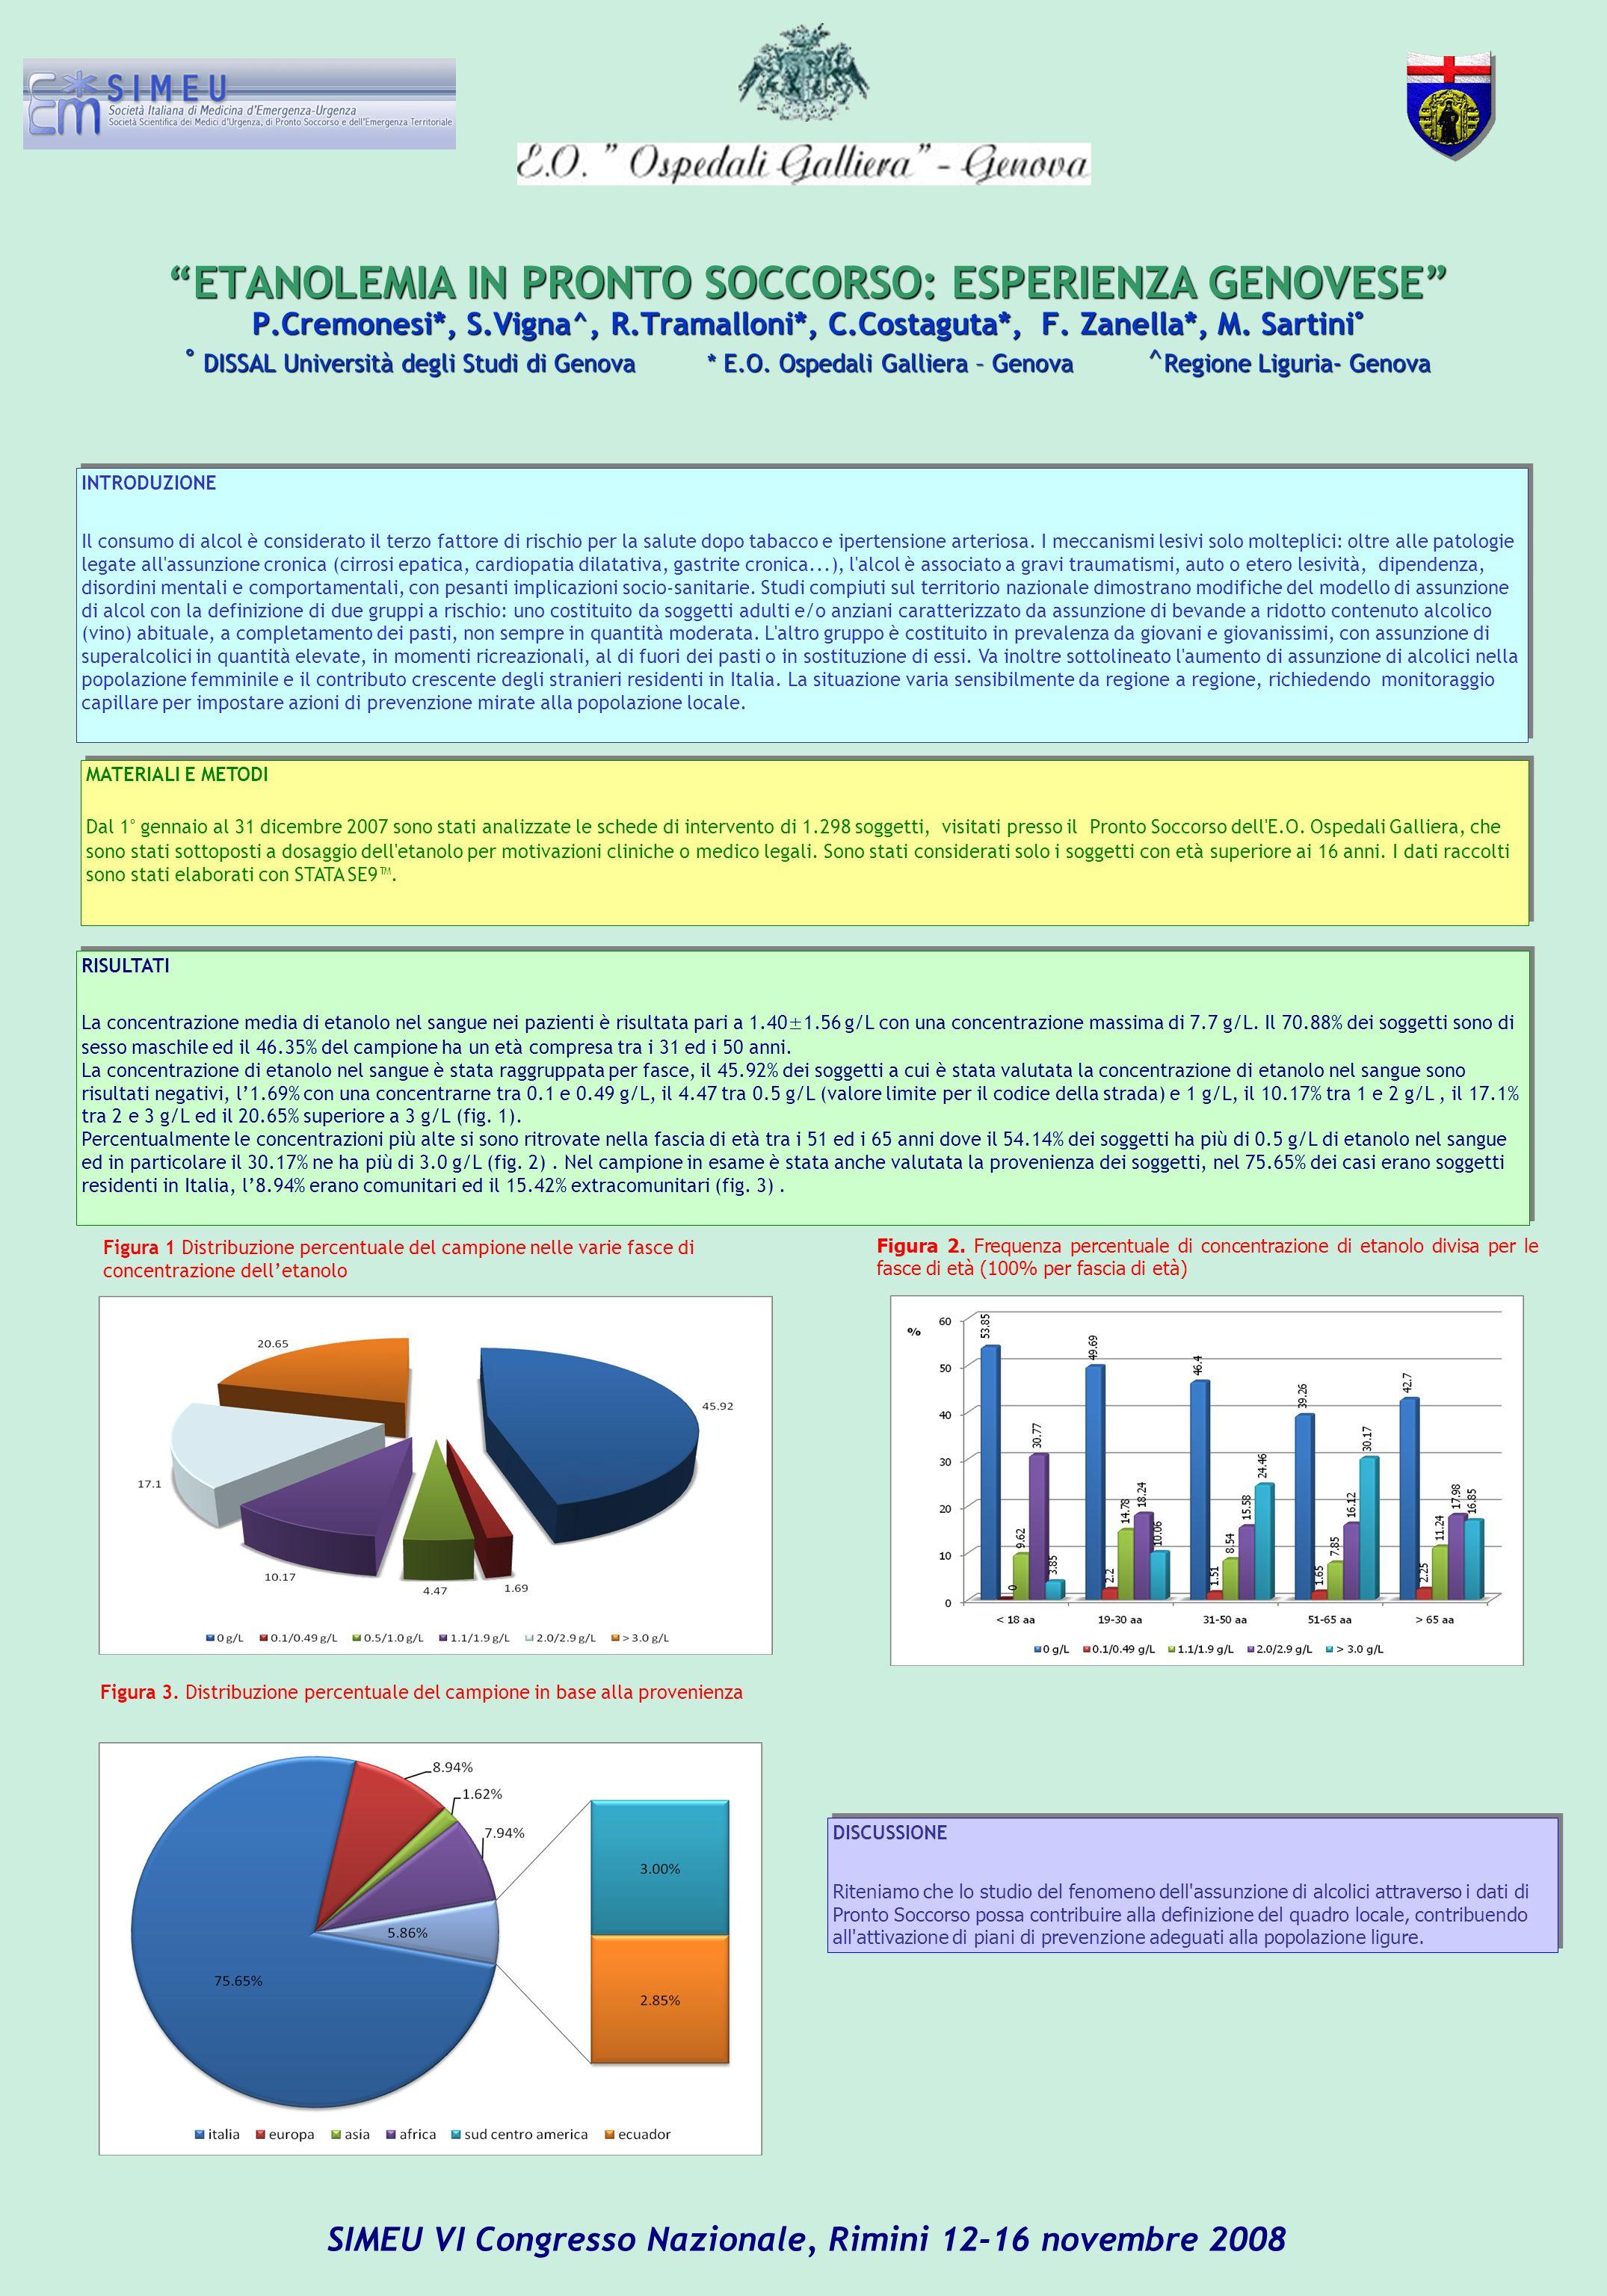 SIMEU VI Congresso Nazionale, Rimini 12-16 novembre 2008